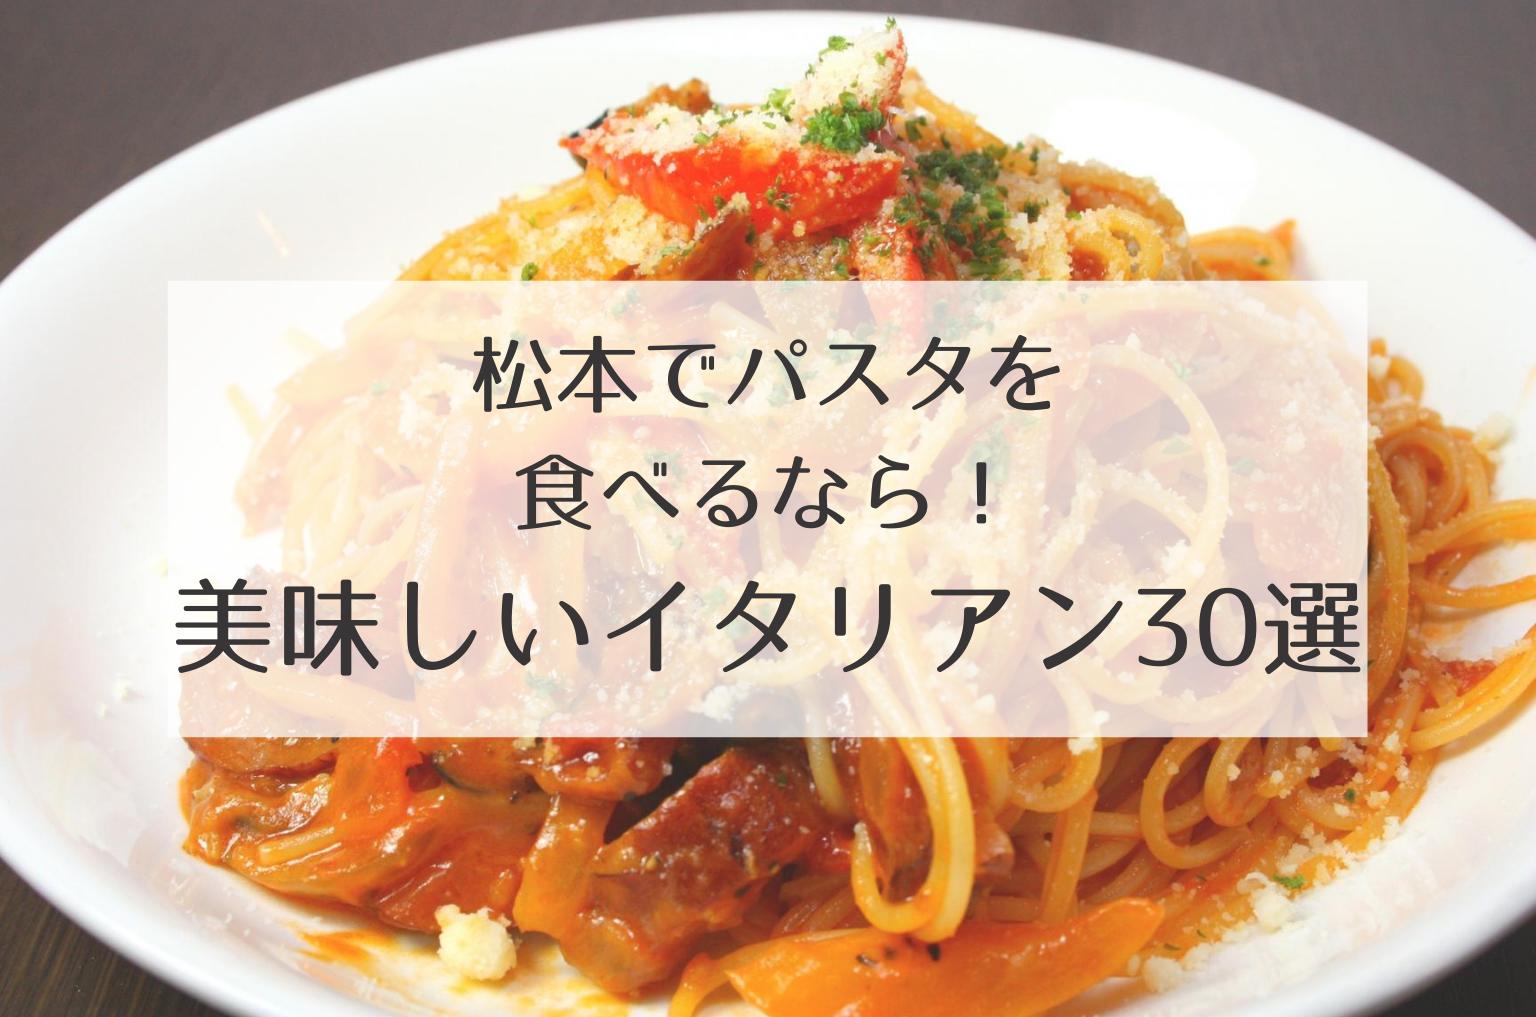 松本市で美味しいパスタ・スパゲティが食べられるイタリアン30選